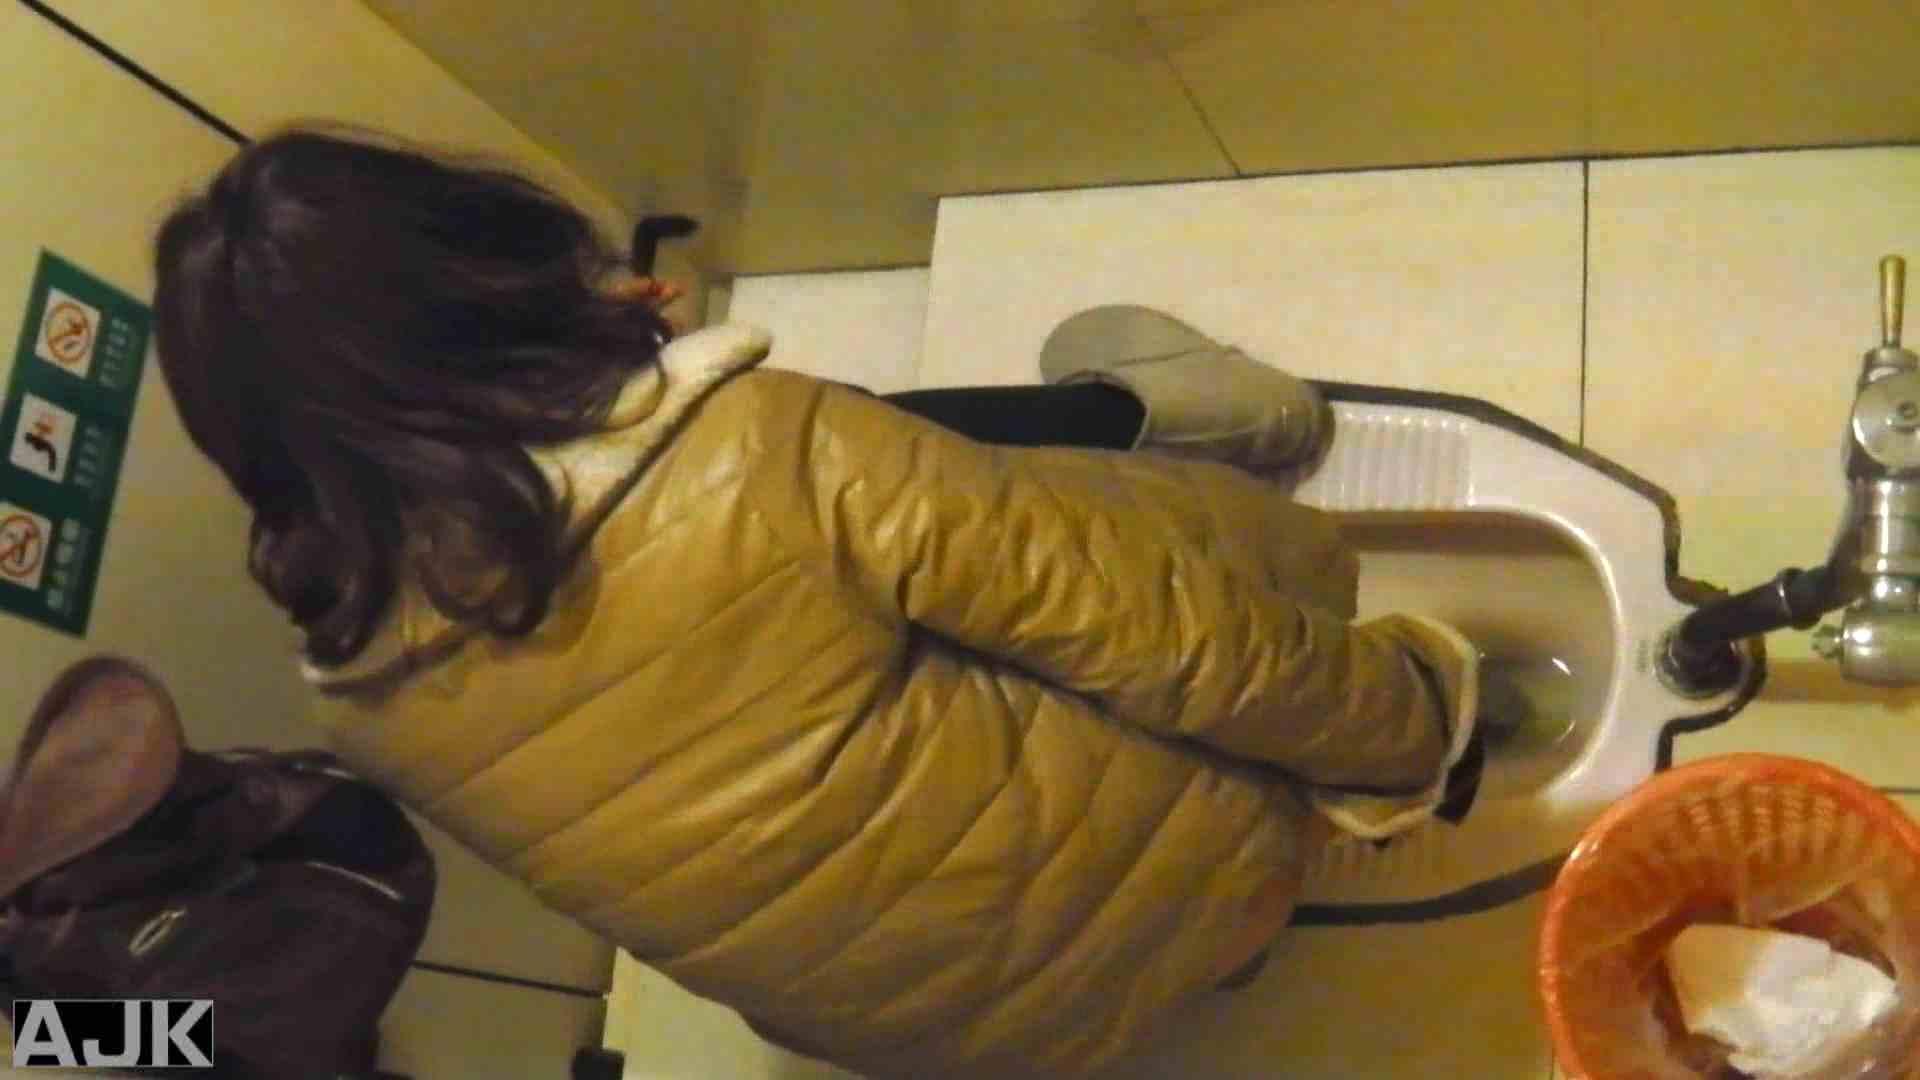 神降臨!史上最強の潜入かわや! vol.02 美女丸裸 オマンコ動画キャプチャ 103pic 54